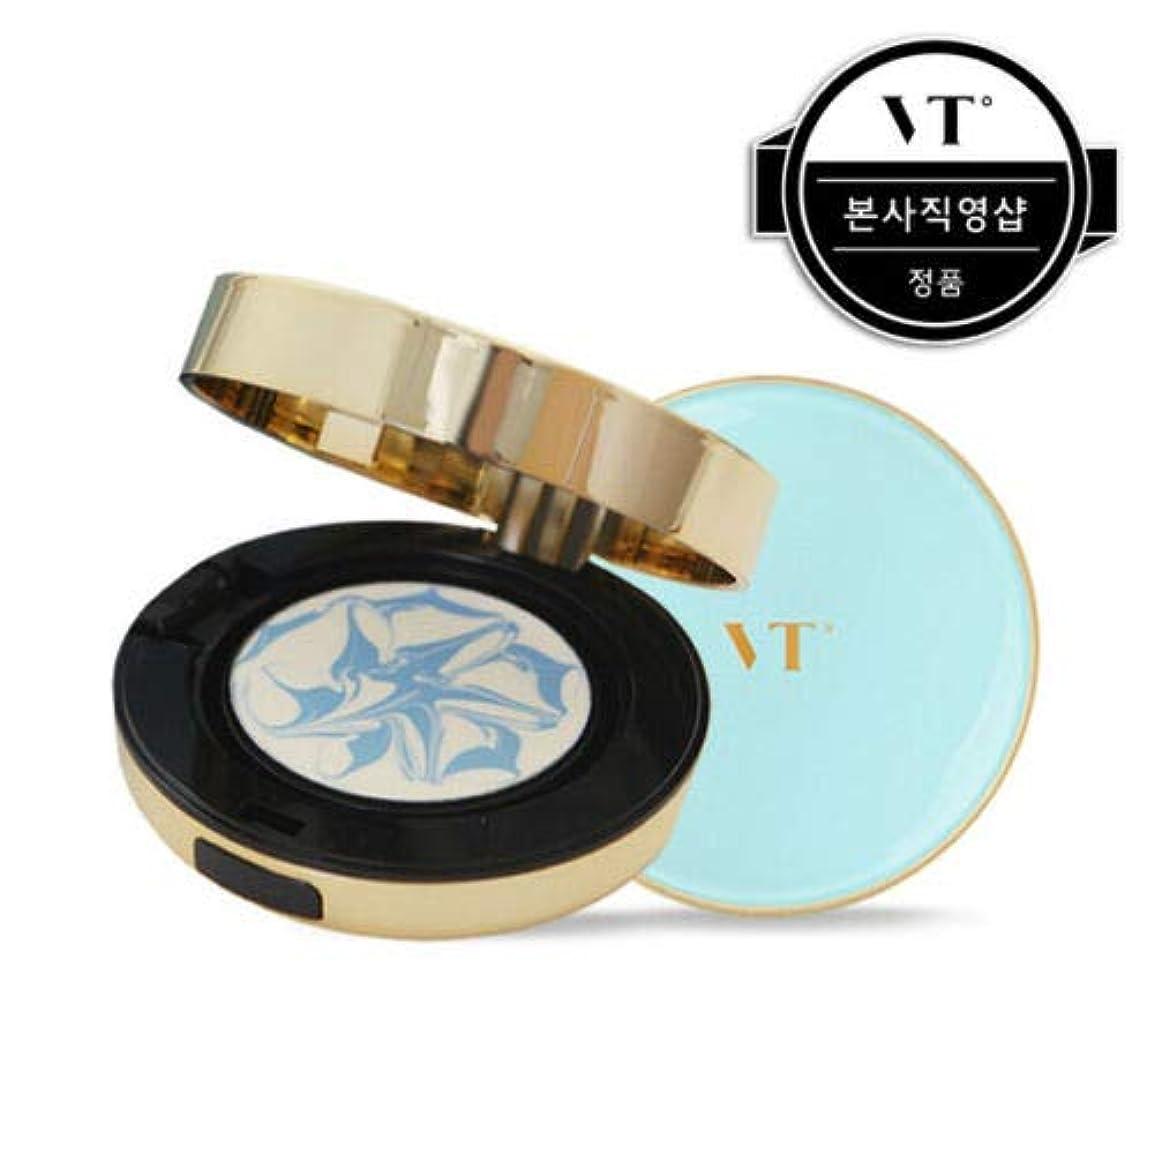 VT Cosmetic Essence Sun Pact エッセンス サン パクト 本品11g + リフィール 11g, SPF50+/PA+++